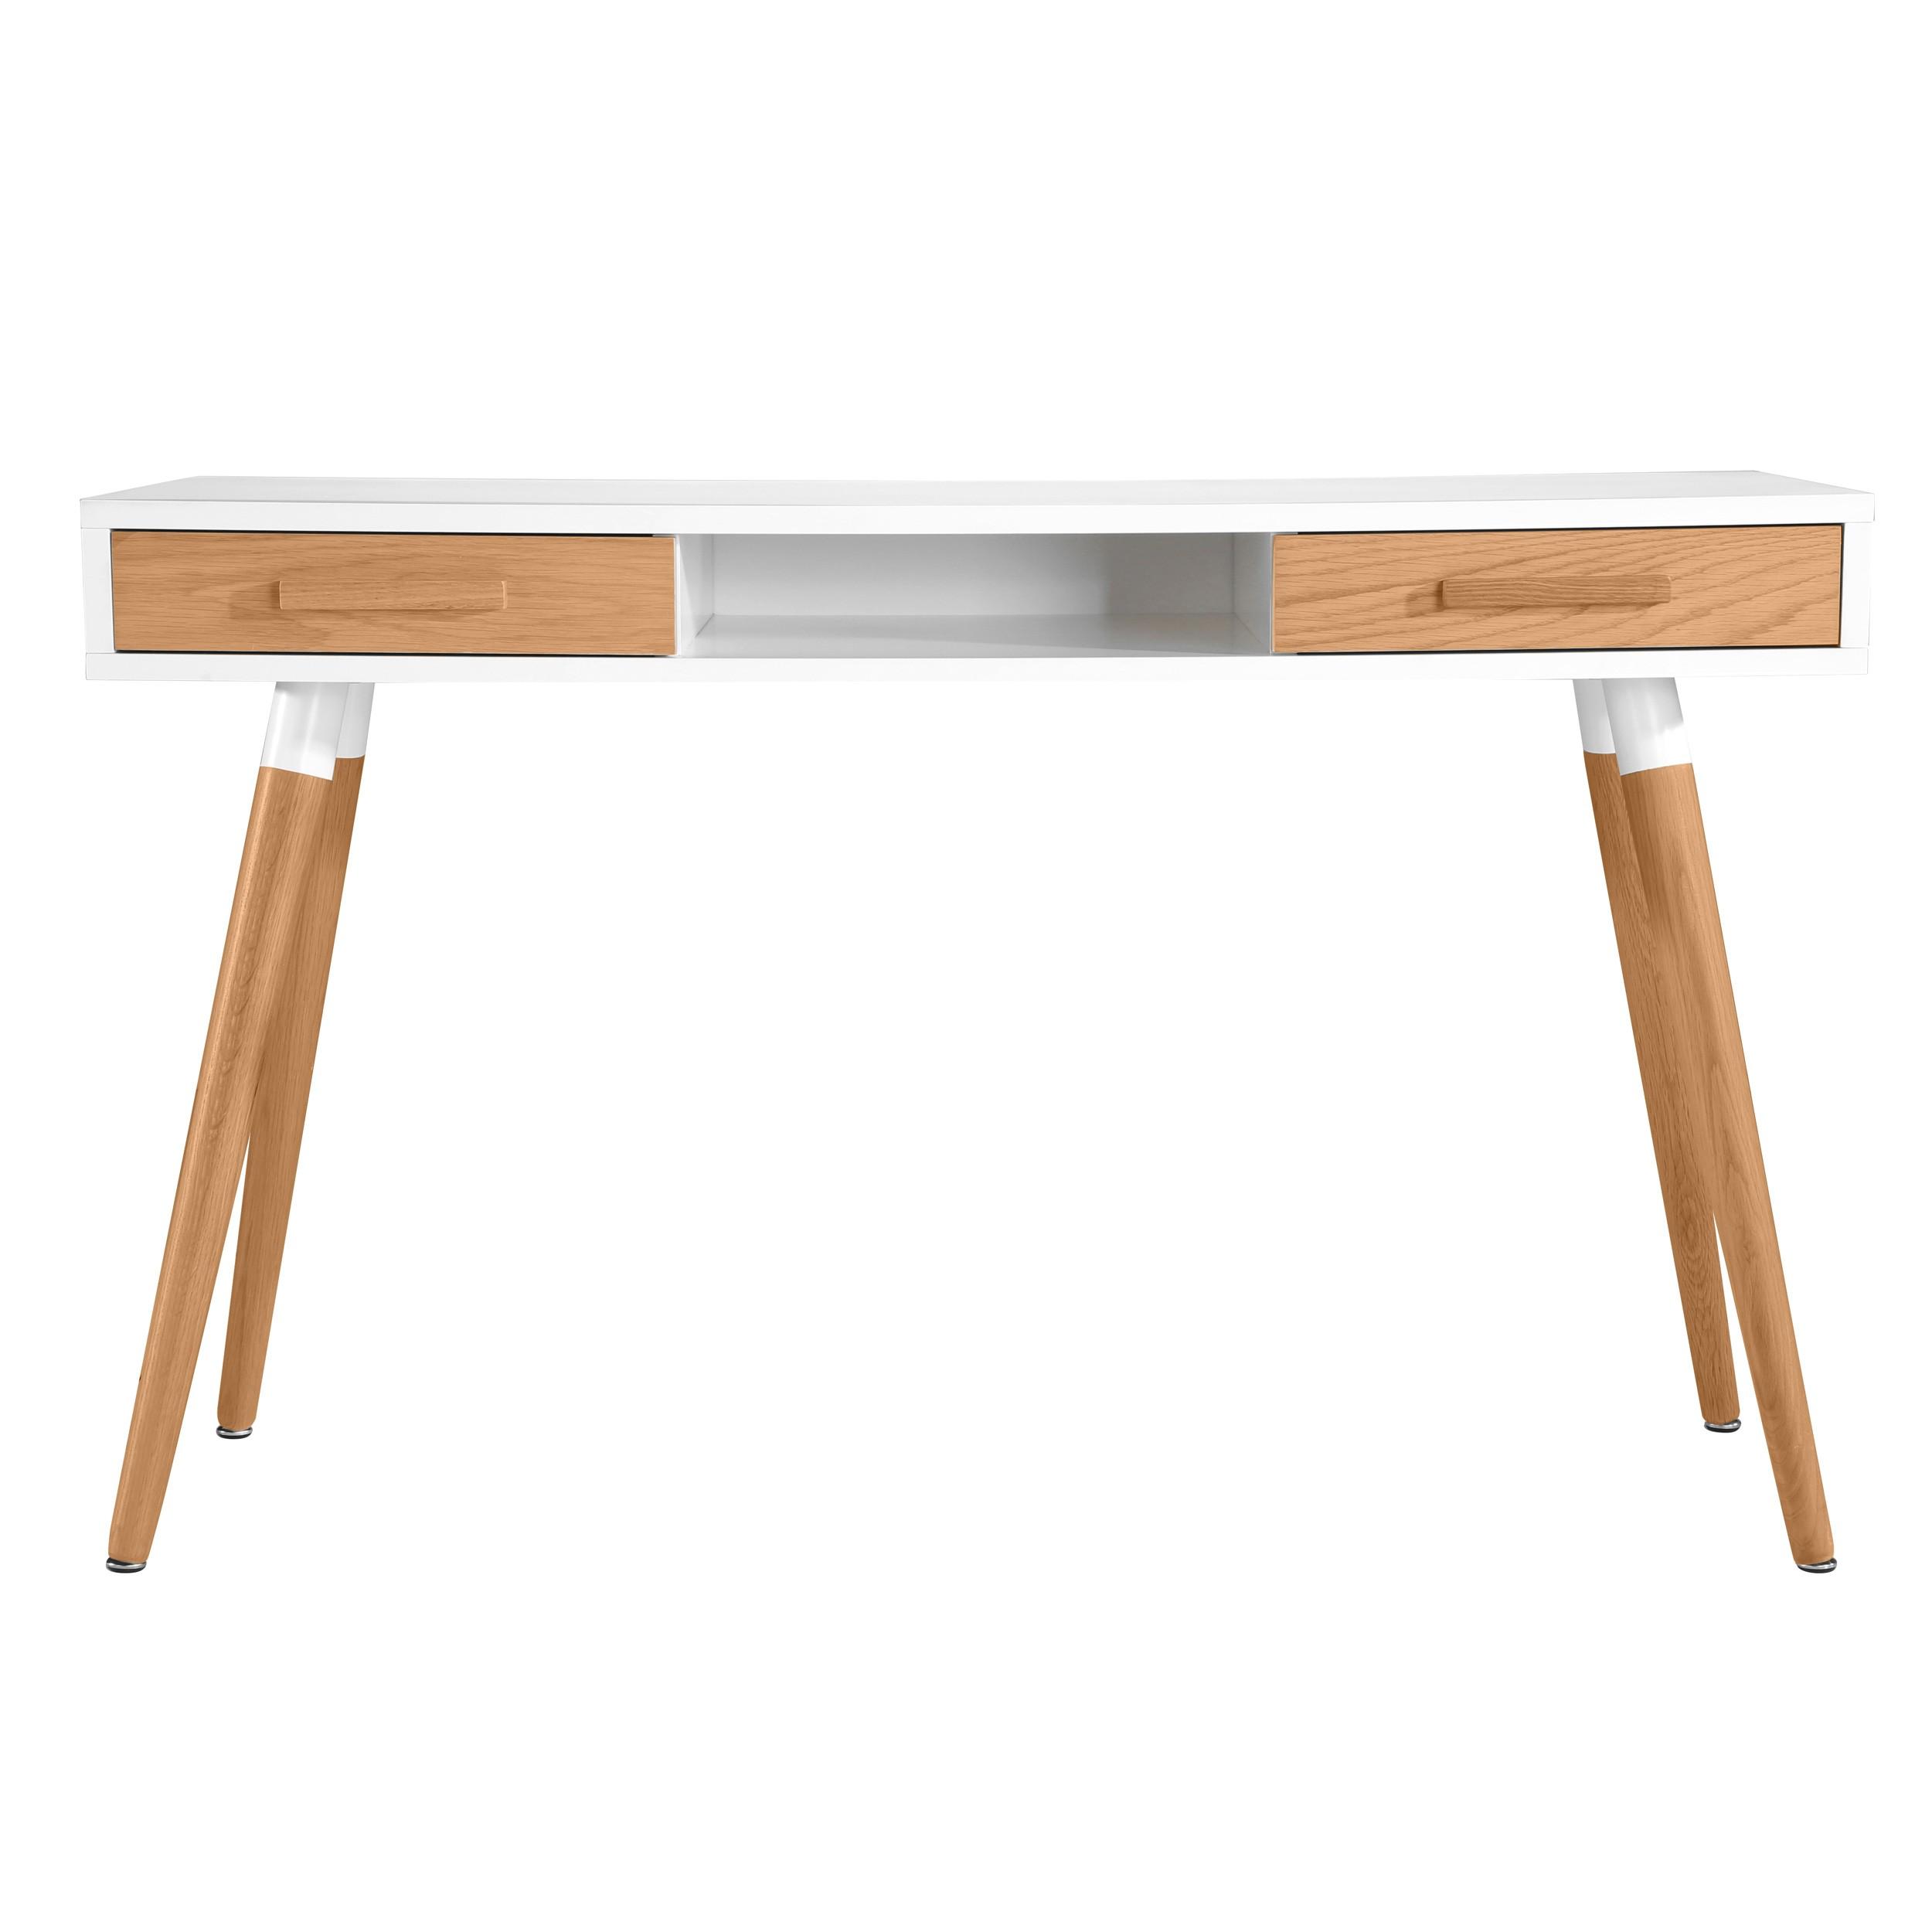 Bureau vejen blanc et ch ne 2 tiroirs achetez les bureaux vejen blancs et ch ne 2 tiroirs rdv d co - Bureau bois scandinave ...